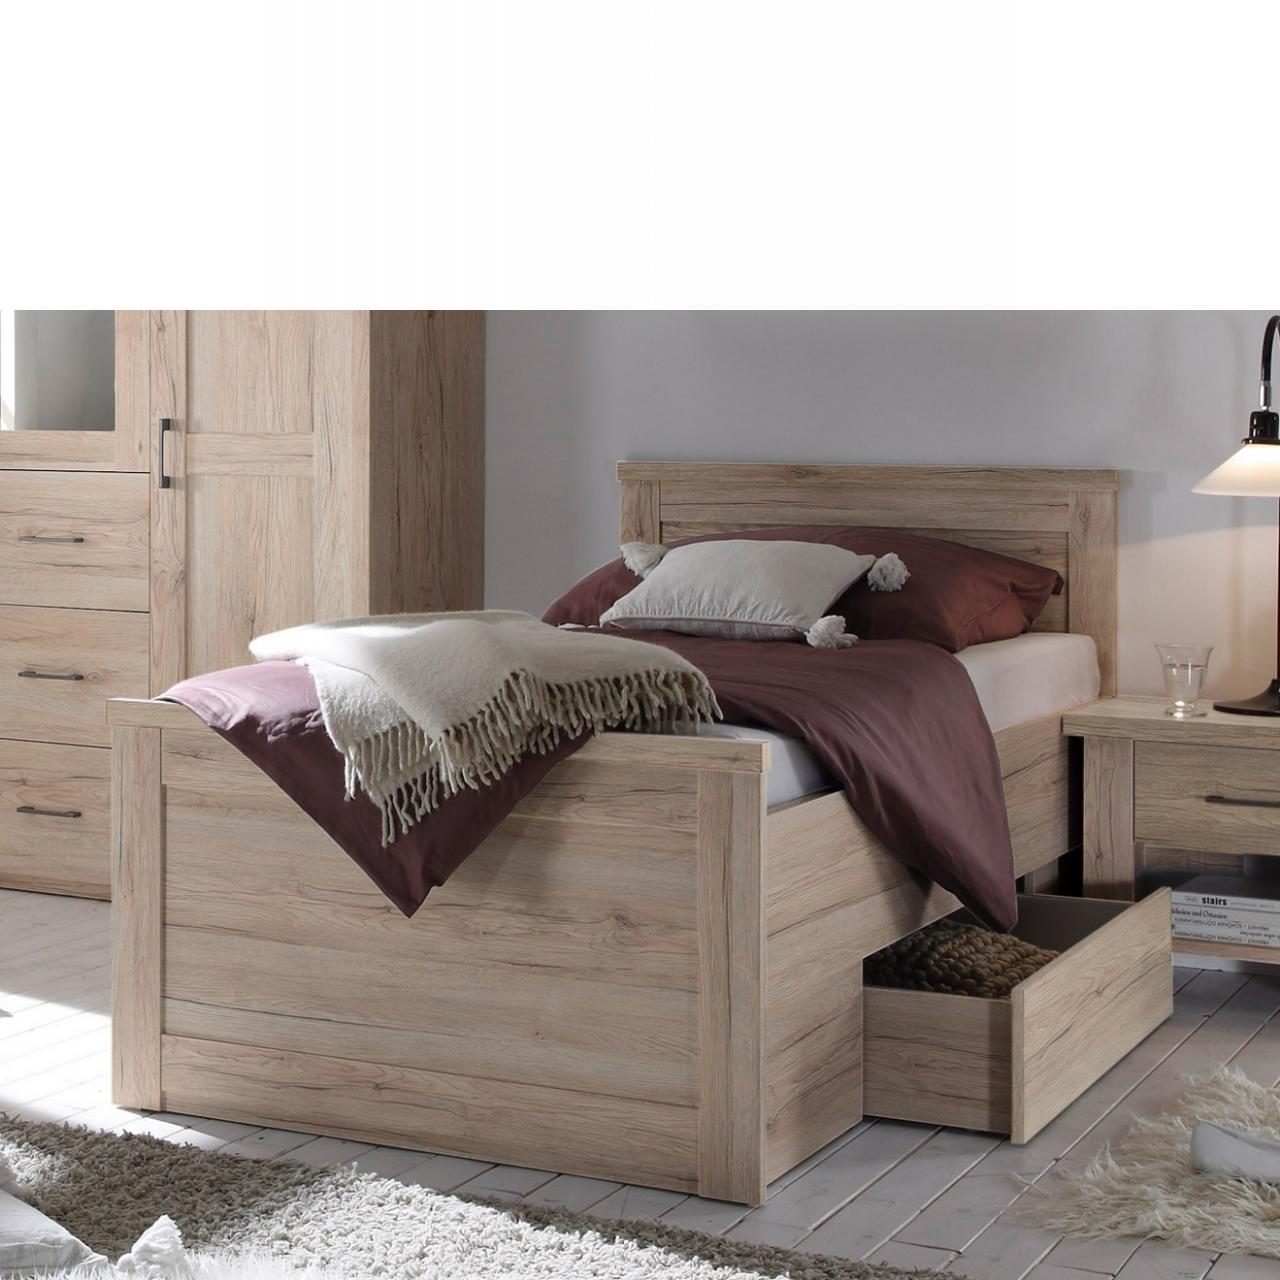 Komfortbett Luca Eiche San Remo inkl. Bettschubkasten 100x200 Schlafzimmer